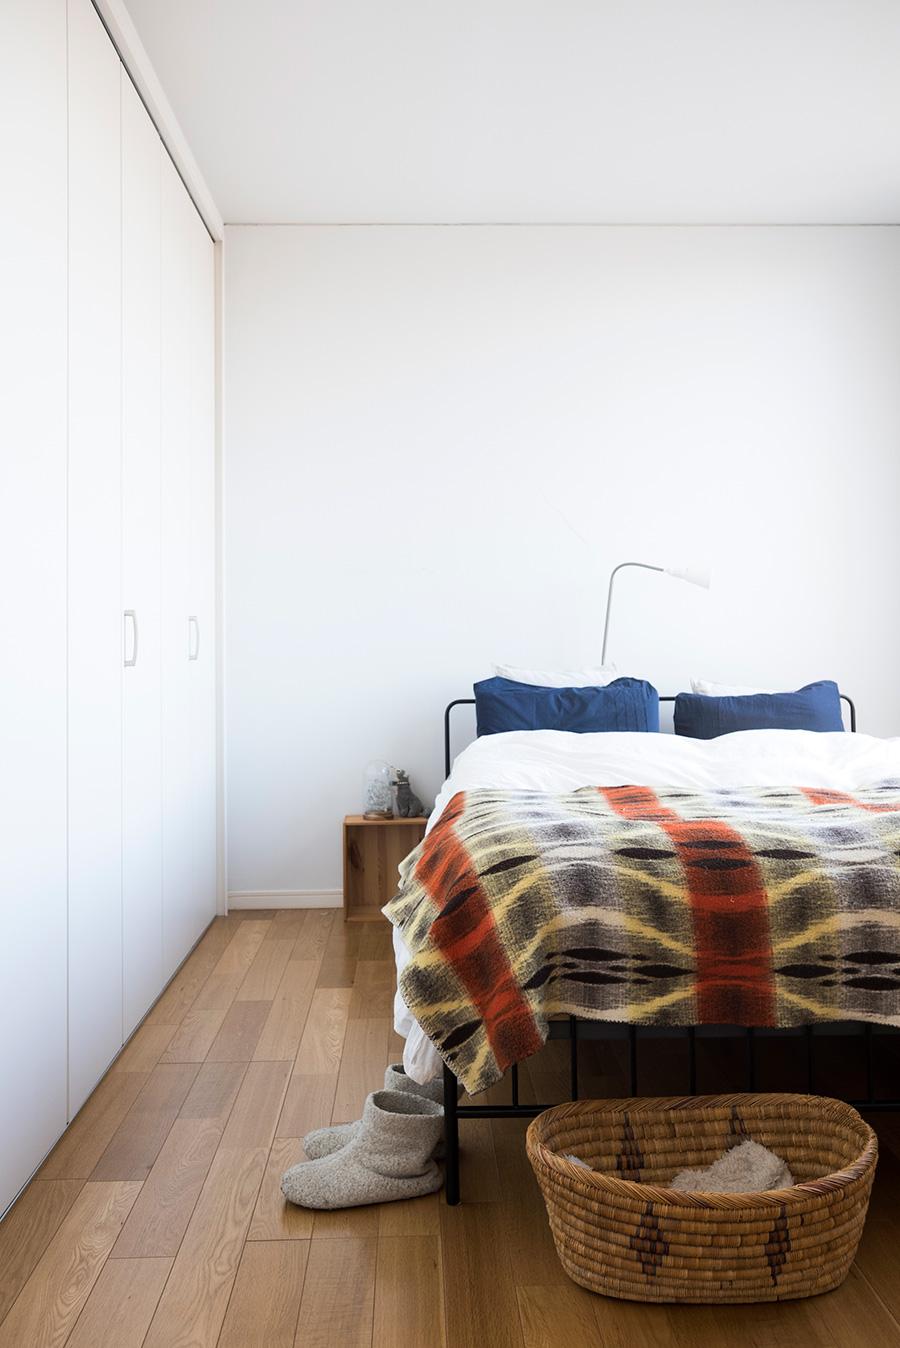 ベッドルームにはオフィス側の仕切りに大きなクローゼットを設けた。「ふたりとも服が多いことと、動線を考えてここに収納があると便利なんです」。